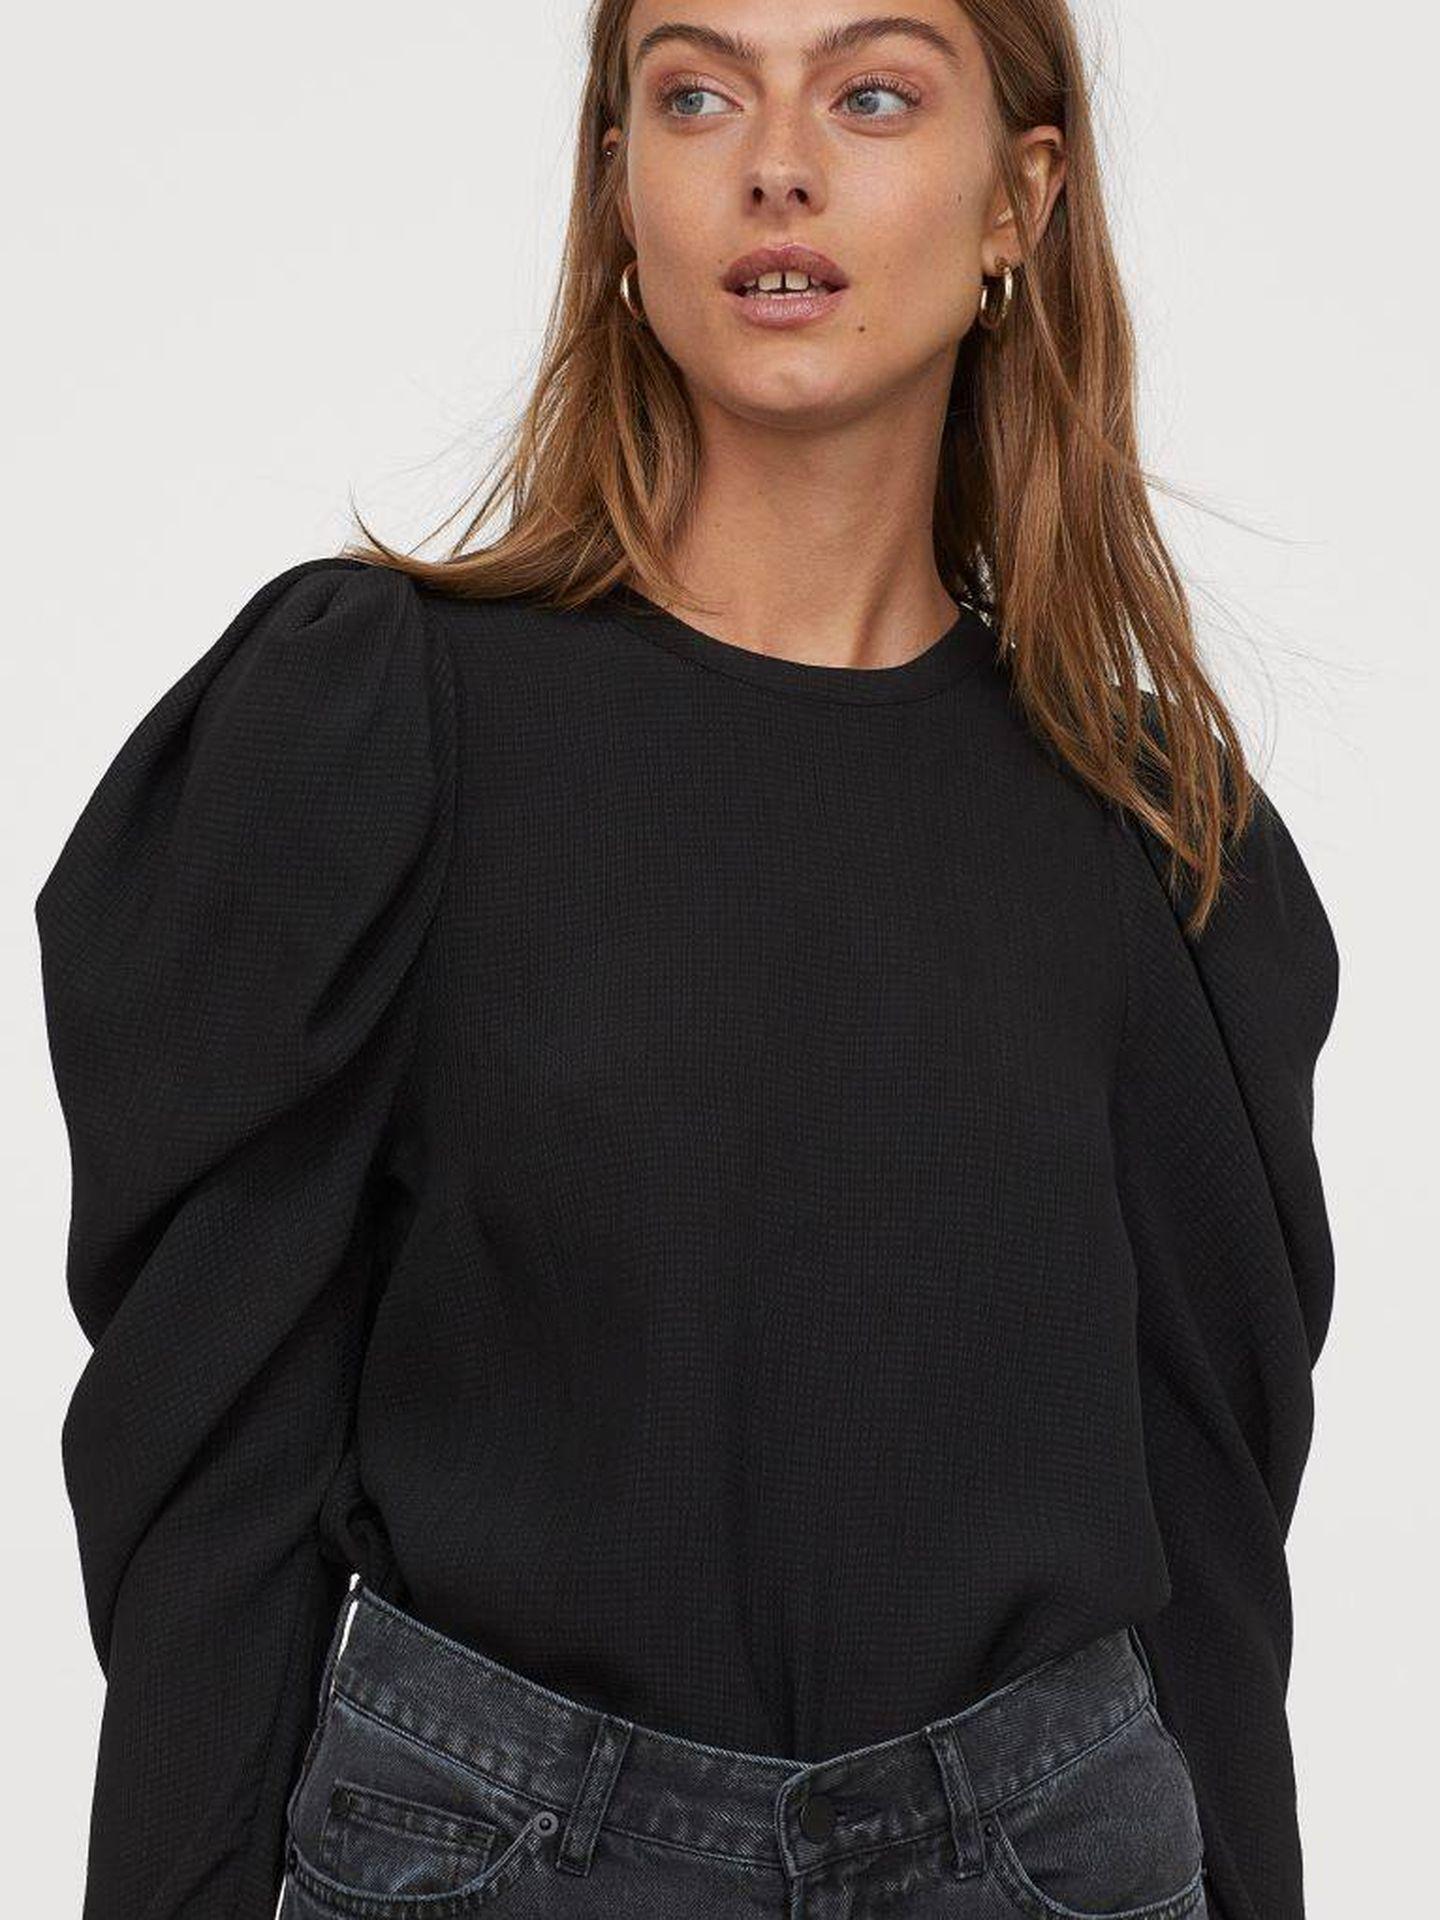 La blusa de color negro de HyM. (Cortesía)